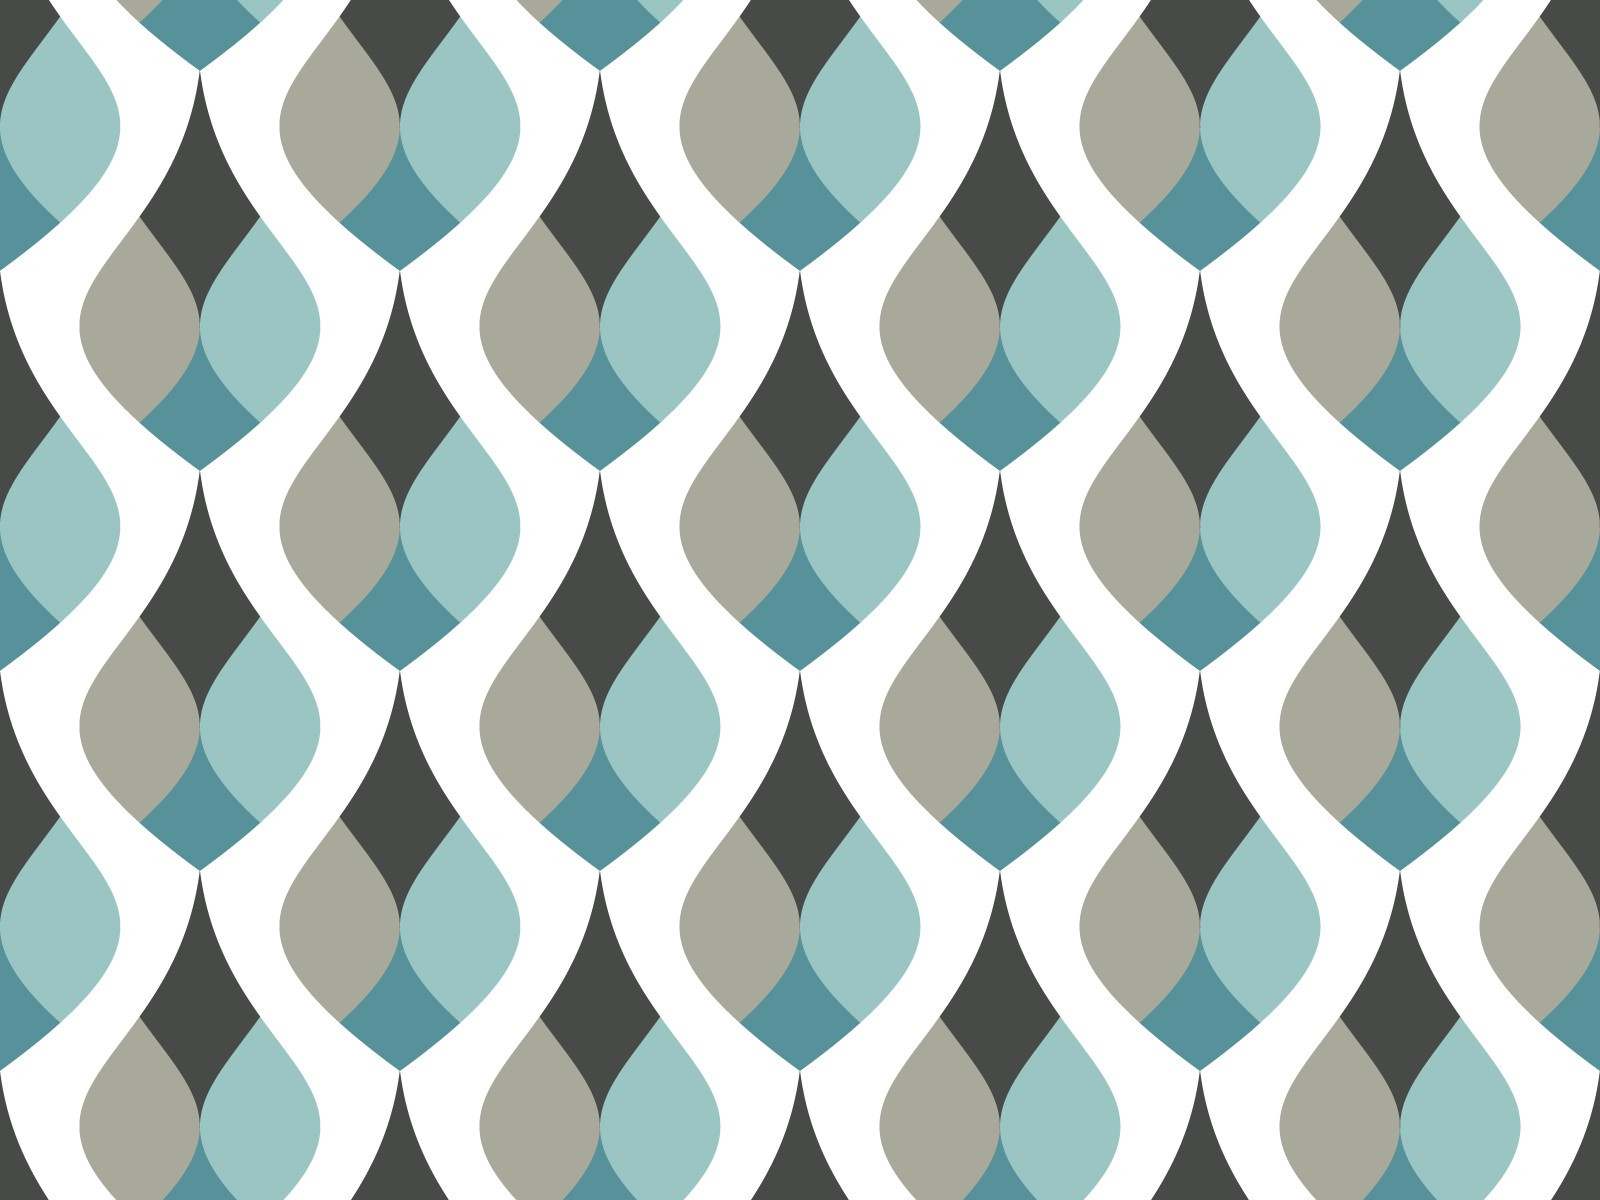 Papier peint adh sif gouttes retro mod le cooper bleu for Papier peint adhesif repositionnable